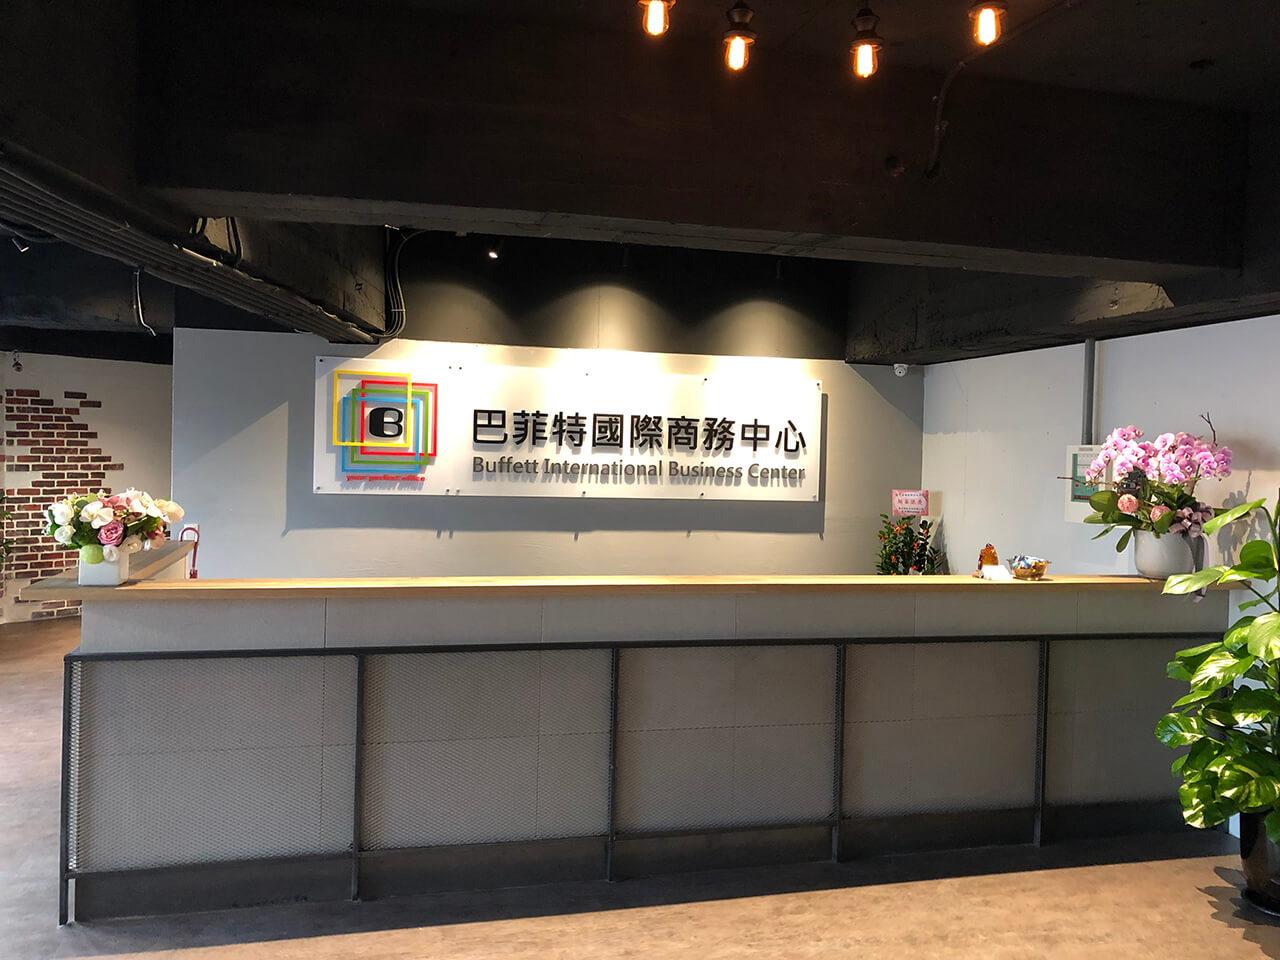 巴菲特國際商務中心